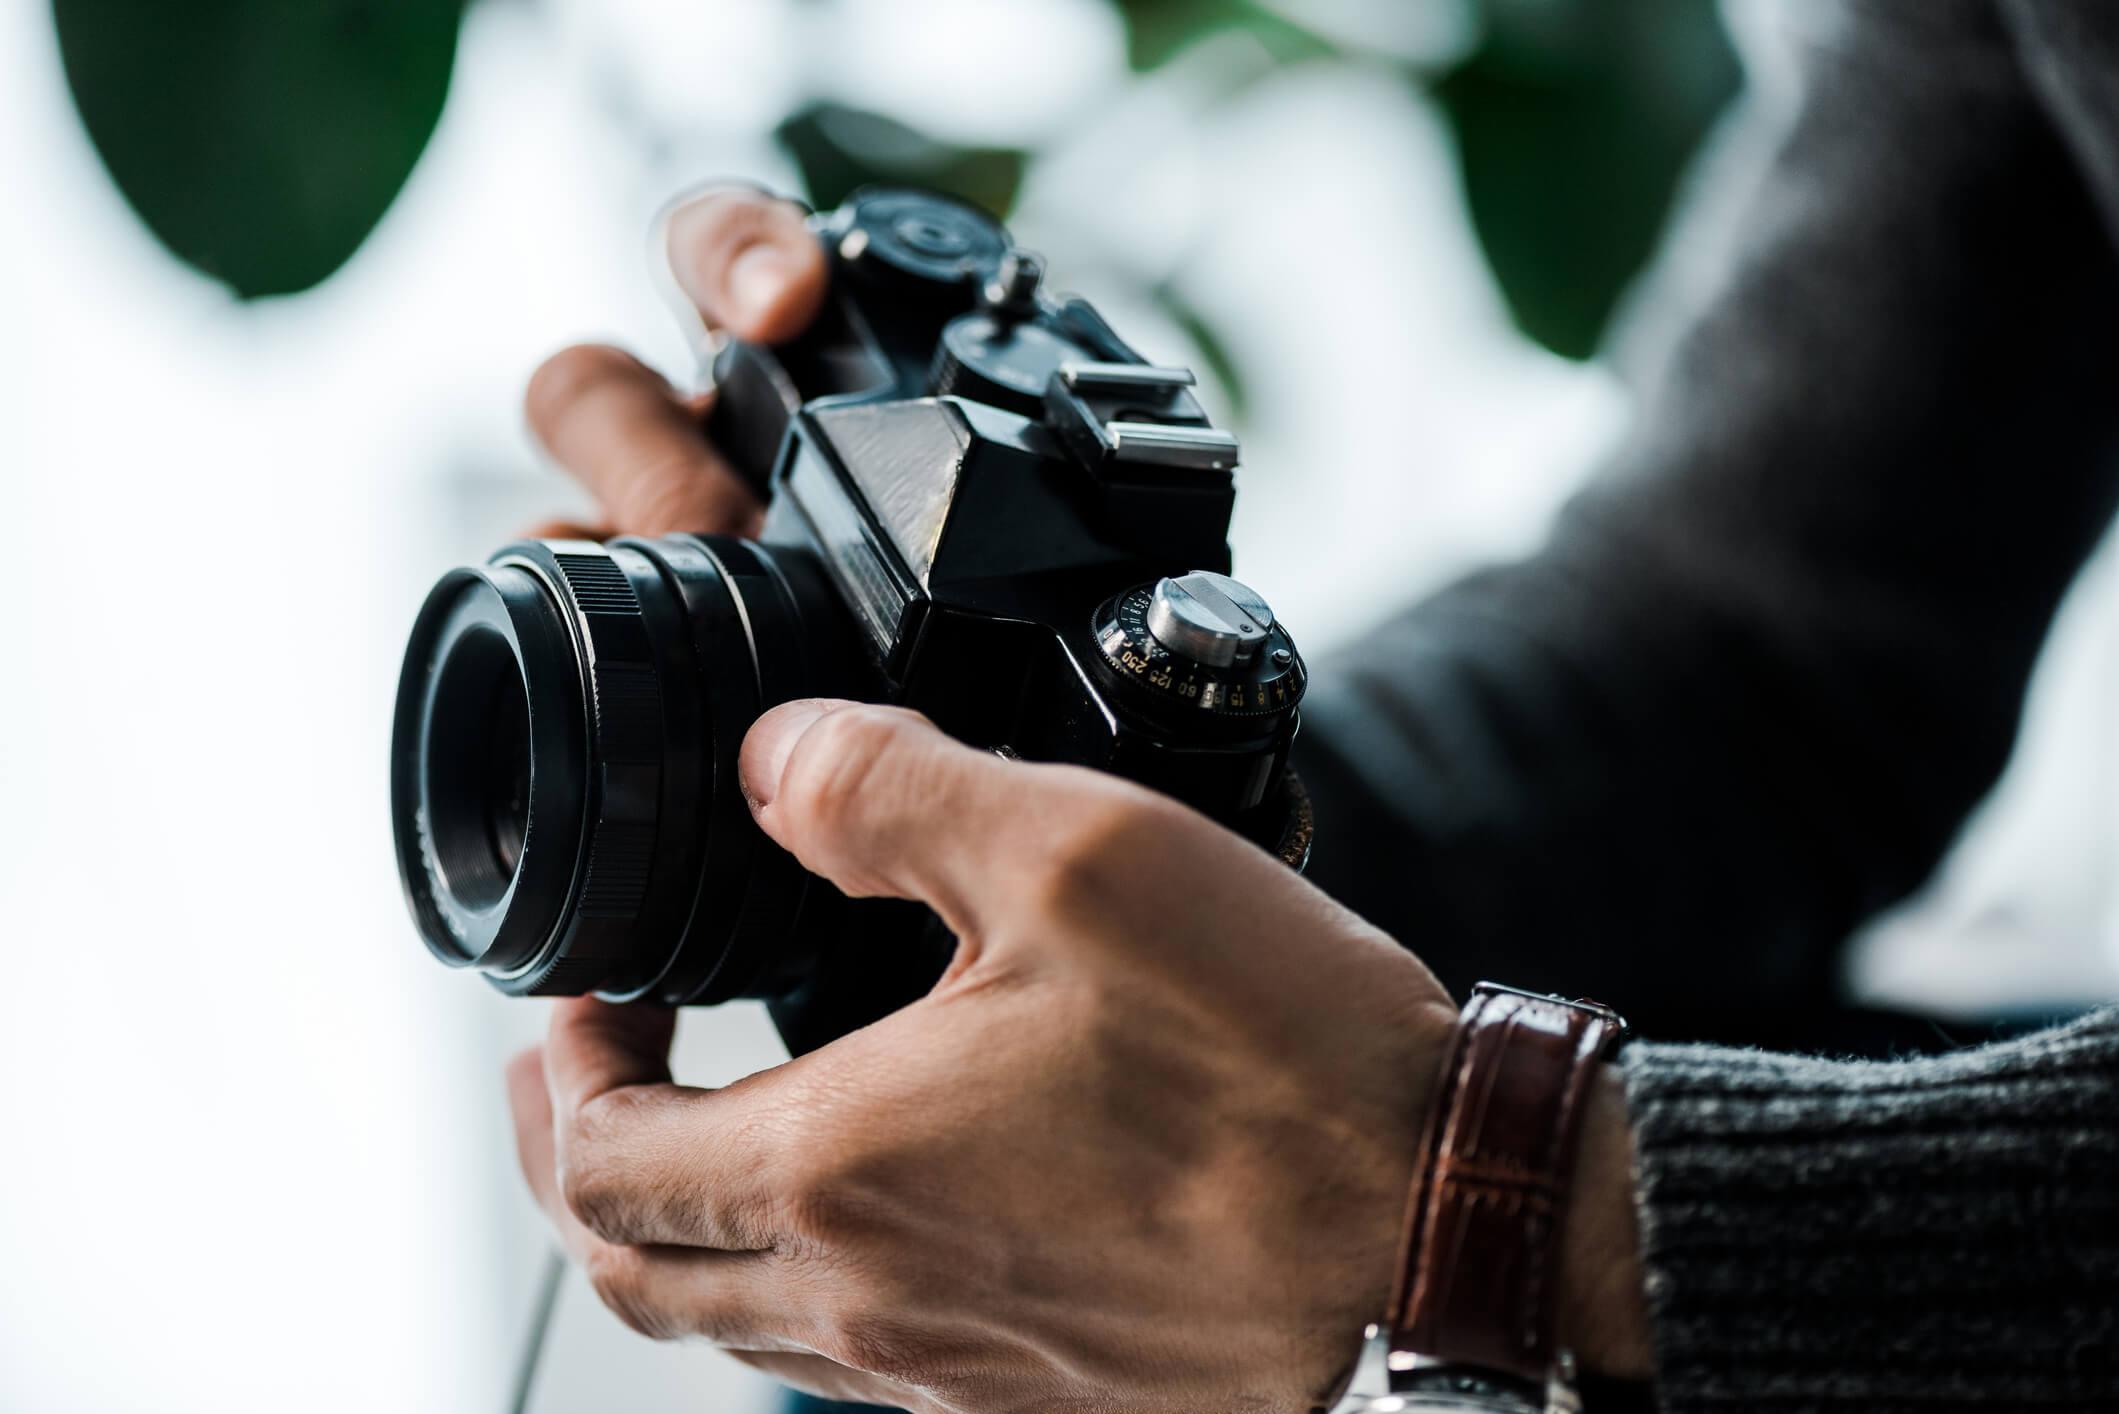 Guia prático para iniciantes de fotografia manual